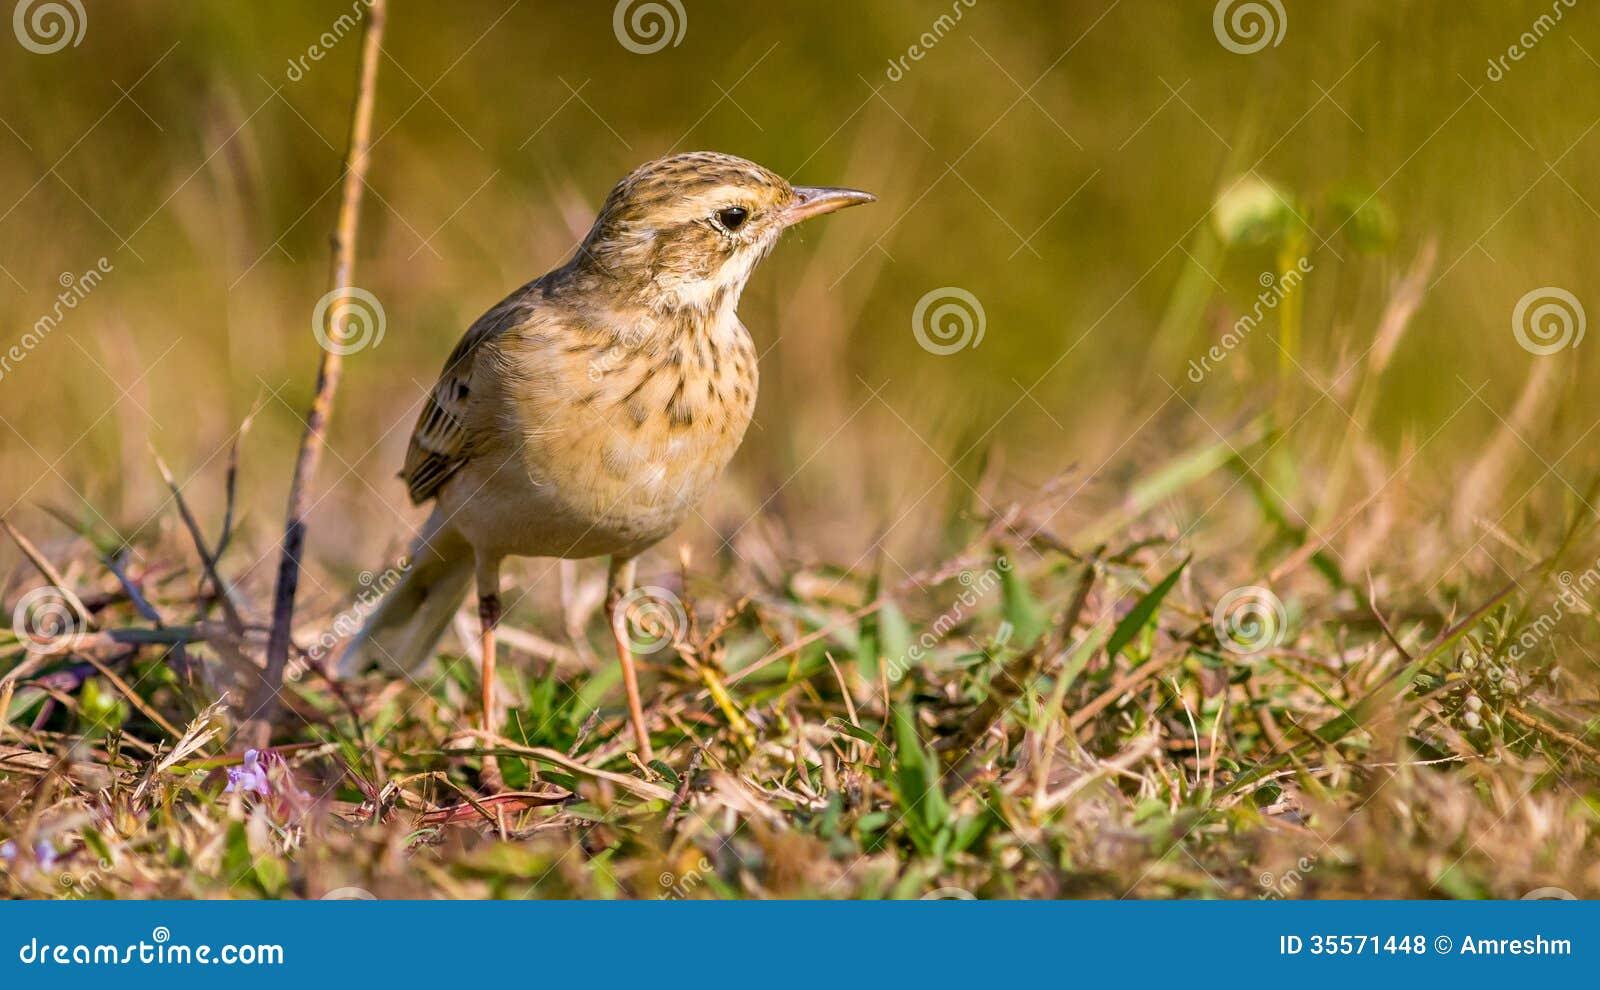 Pipit commun petit oiseau la hauteur d 39 oeil photos for Oiseau commun